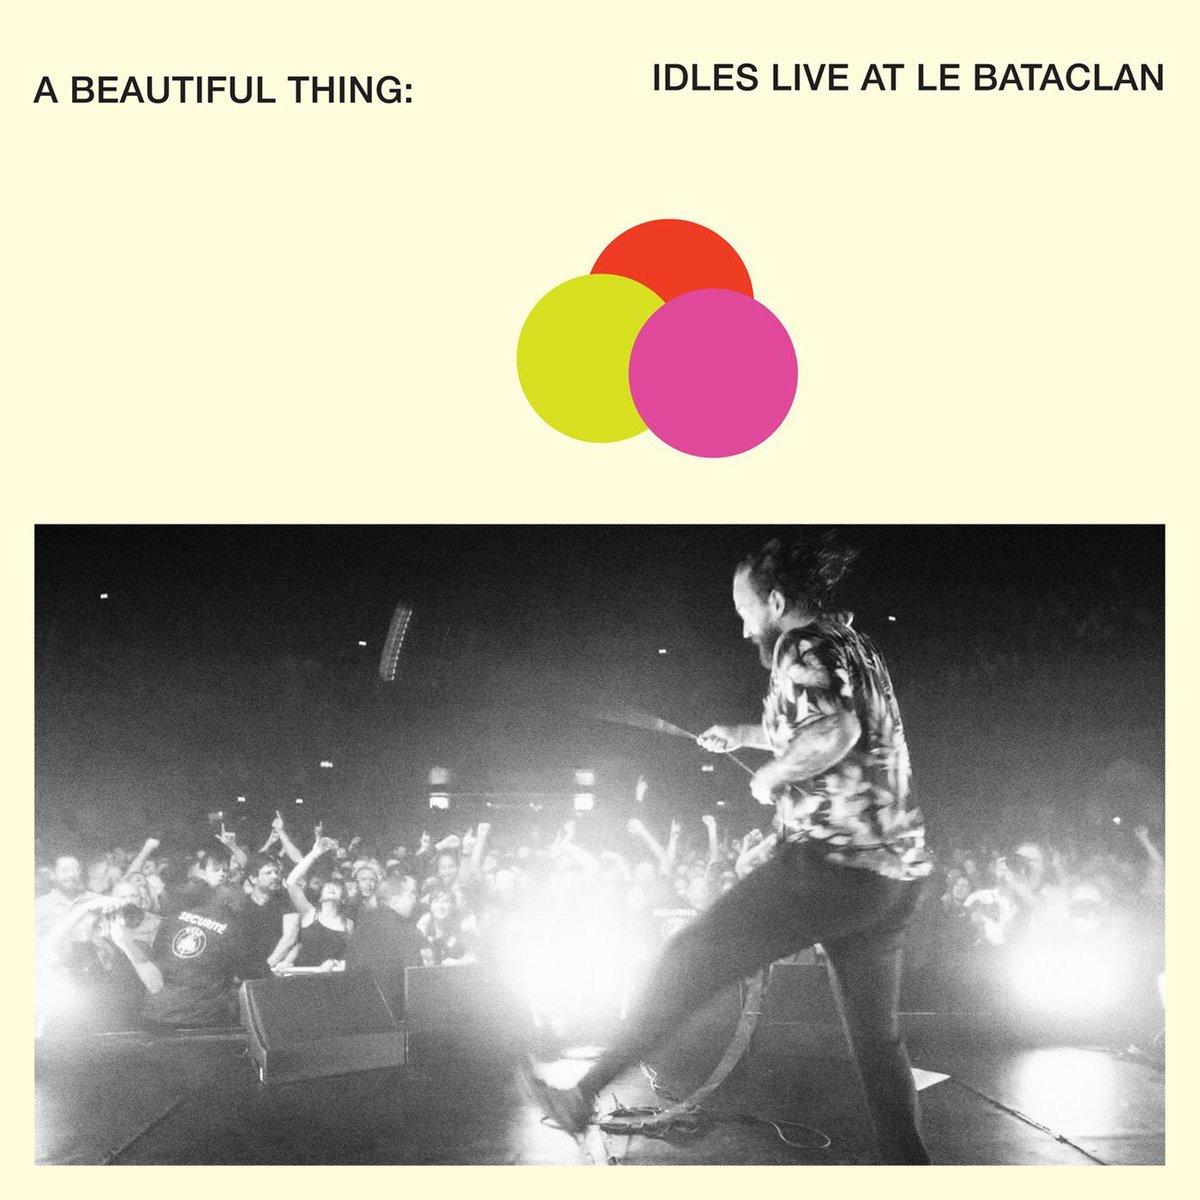 IDLESのLive盤『A Beautiful Thing』は最高なので、皆様どうか聴いてください。よろしくお願いします。Apple Music↓Spotify↓